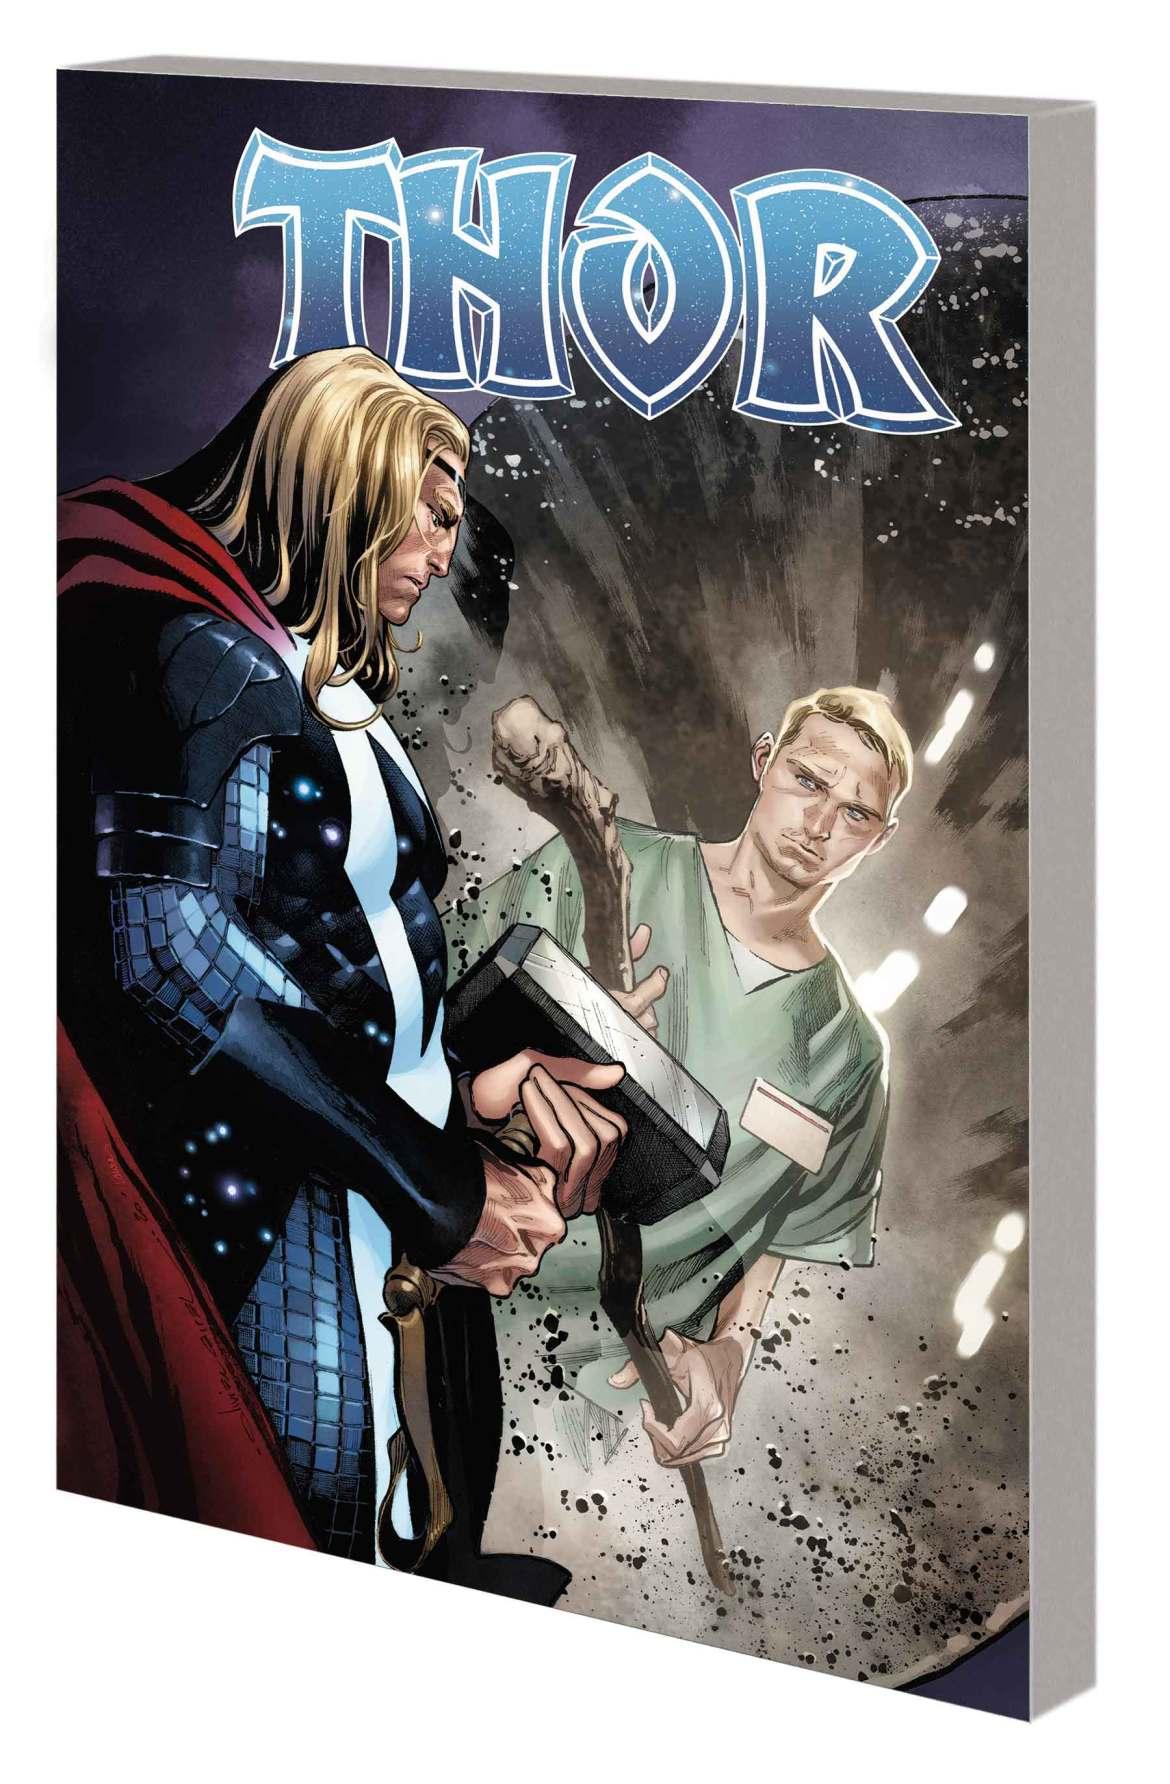 THOR_DC_VOL_2_TPB Marvel Comics May 2021 Solicitations